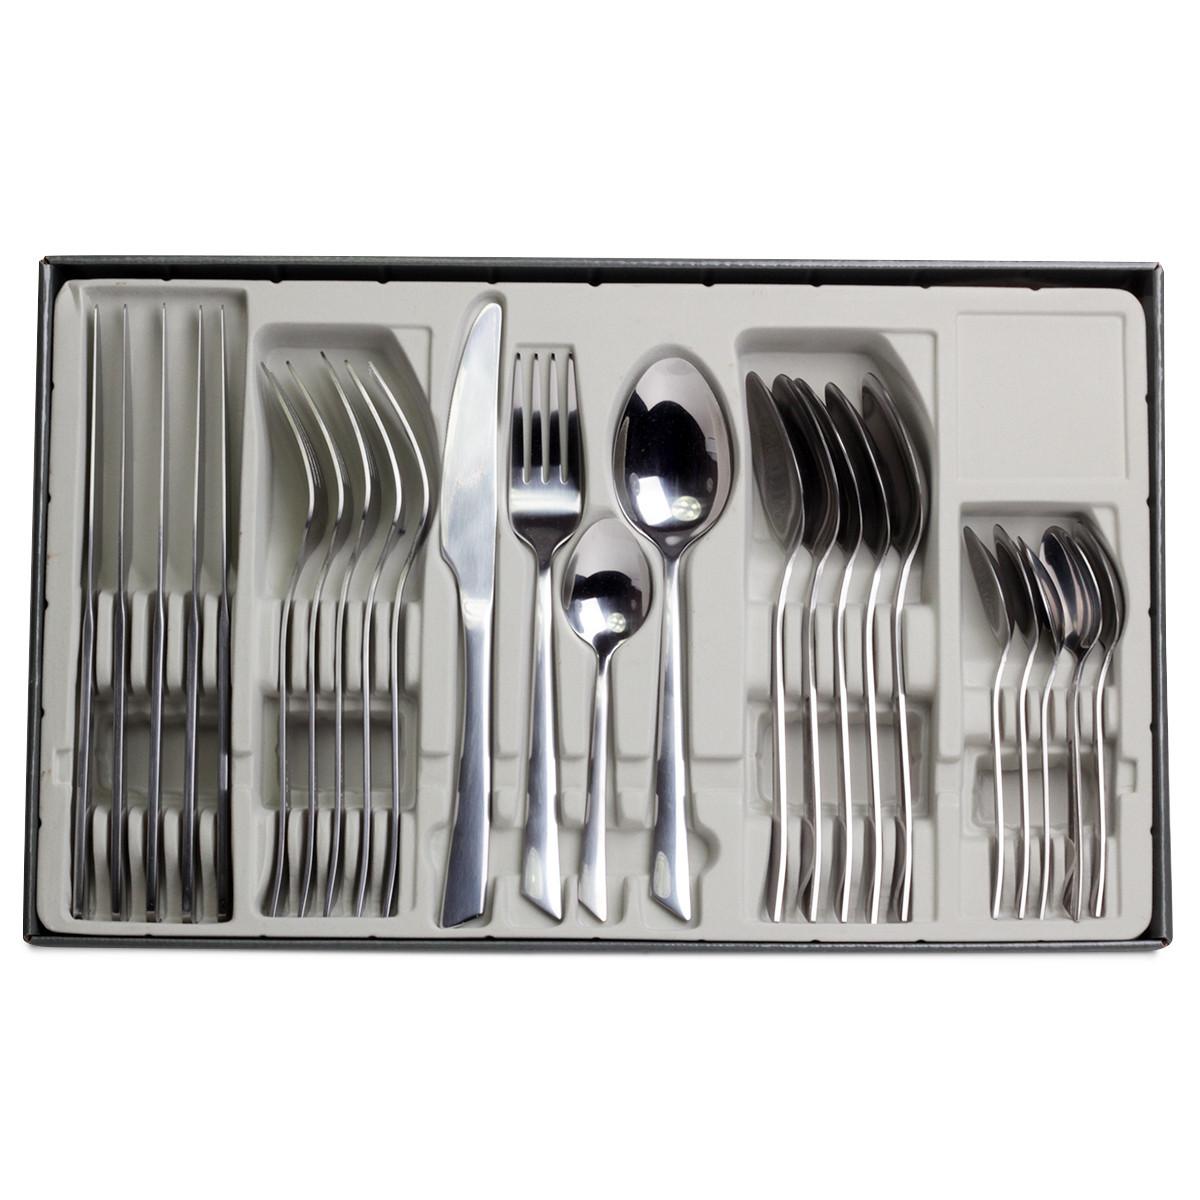 Набор столовых приборов Kamille 6 персон (24 предмета) из нержавеющей стали, зеркальная полировка